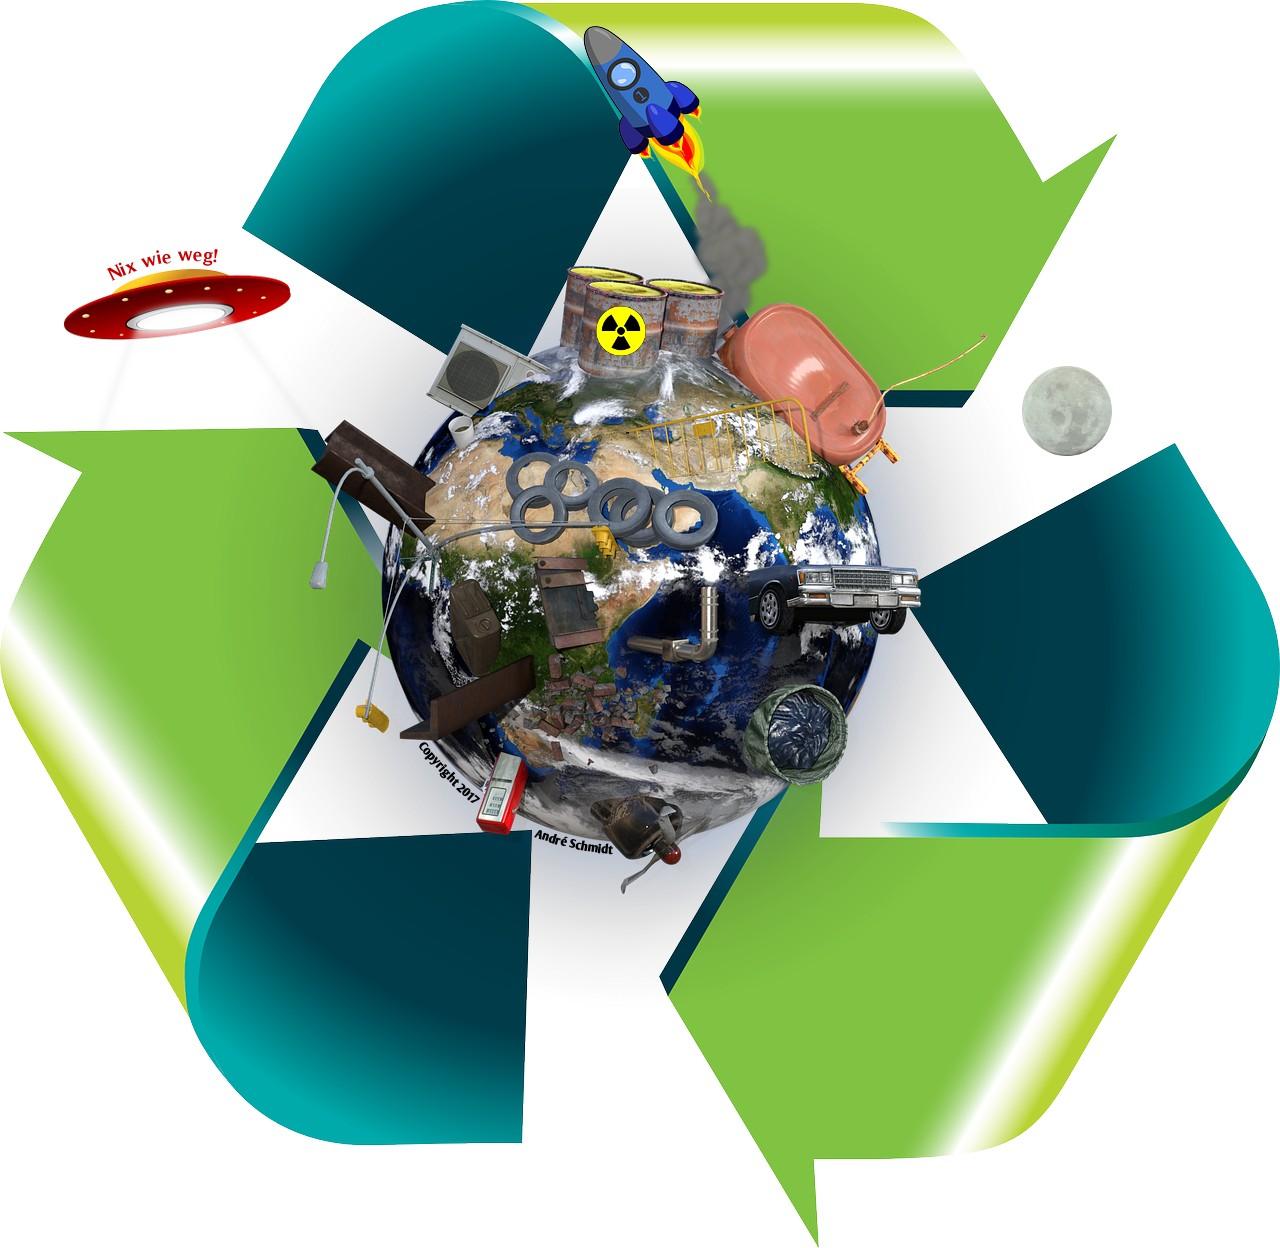 nachbar lockt ratten mit komposthaufen an